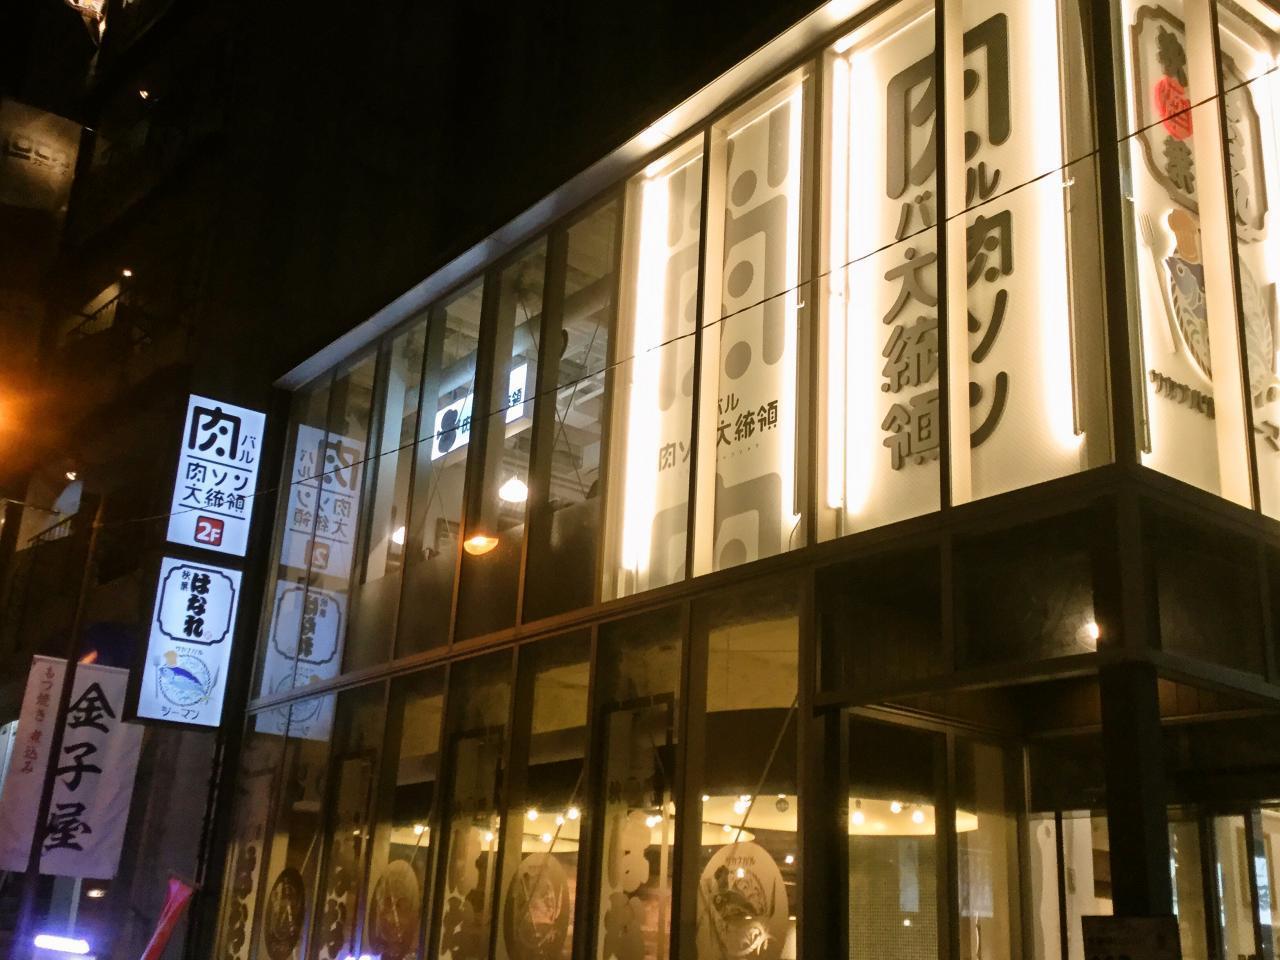 肉バル 肉ソン大統領 秋葉原店(店舗)